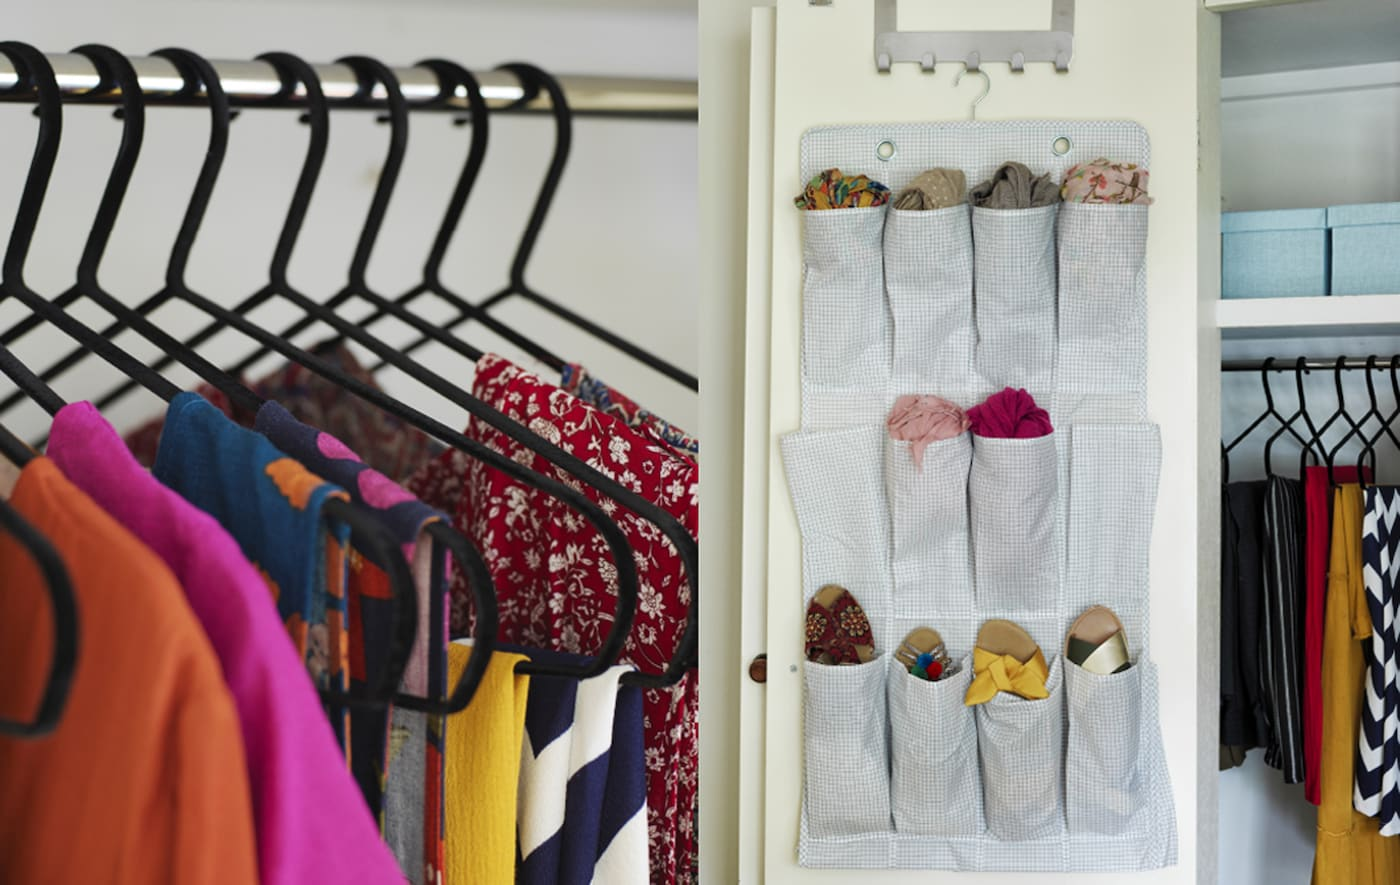 Crne vješalice u ormaru sa šarenom odjećom i dodacima u visećem organizatoru za cipele na vratima ormara.